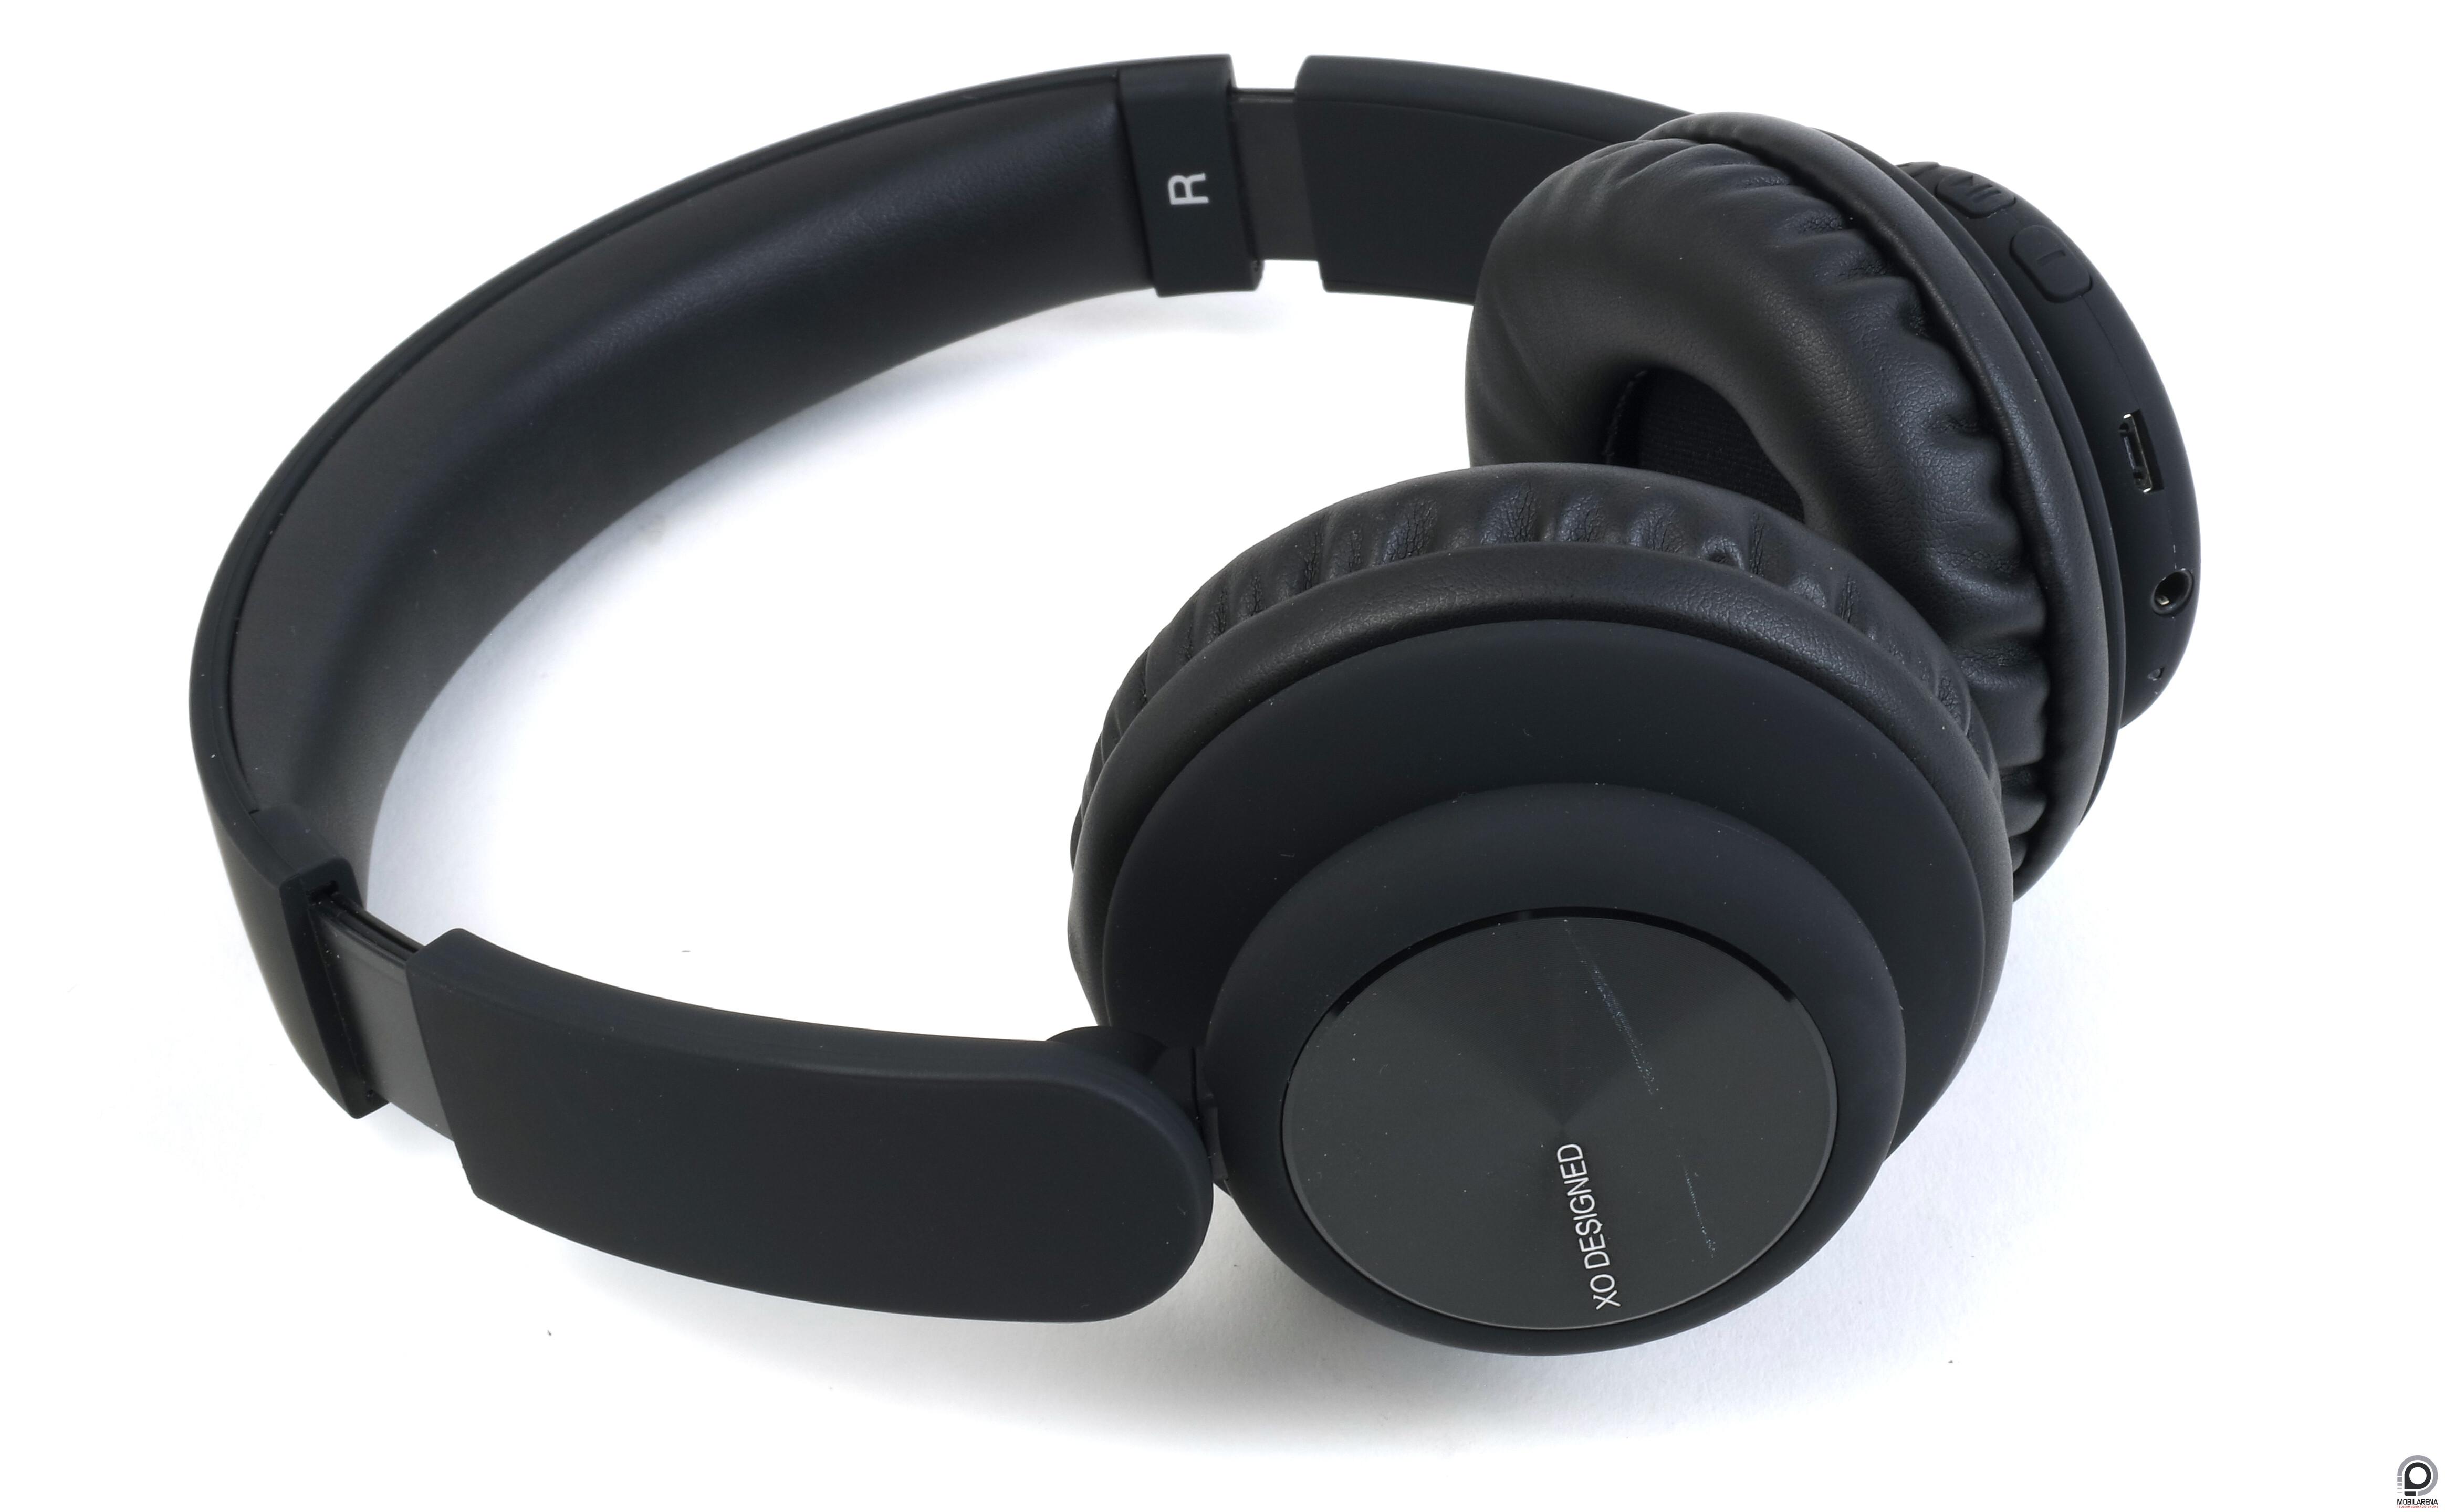 XO-B24 fejhallgató teszt - Mobilarena Tartozékok teszt 4746040105